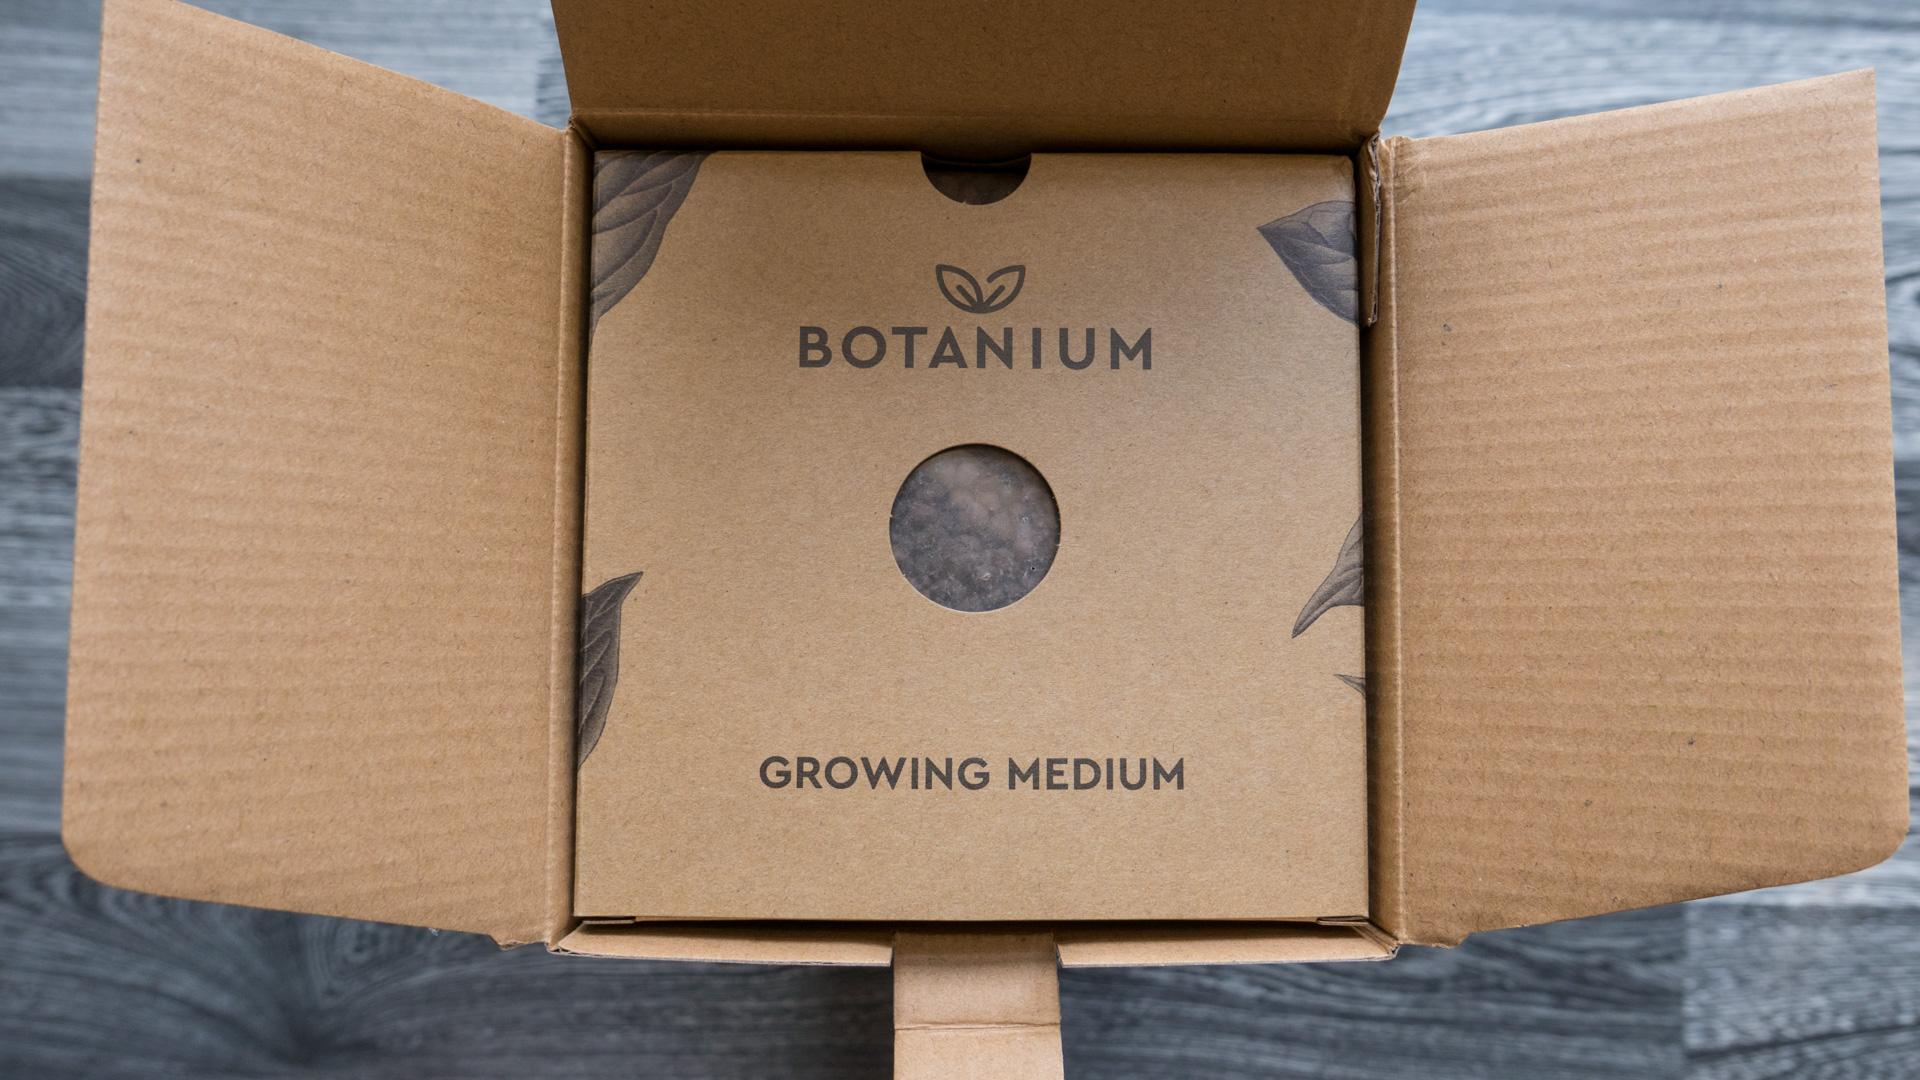 Botanium Unboxing 13